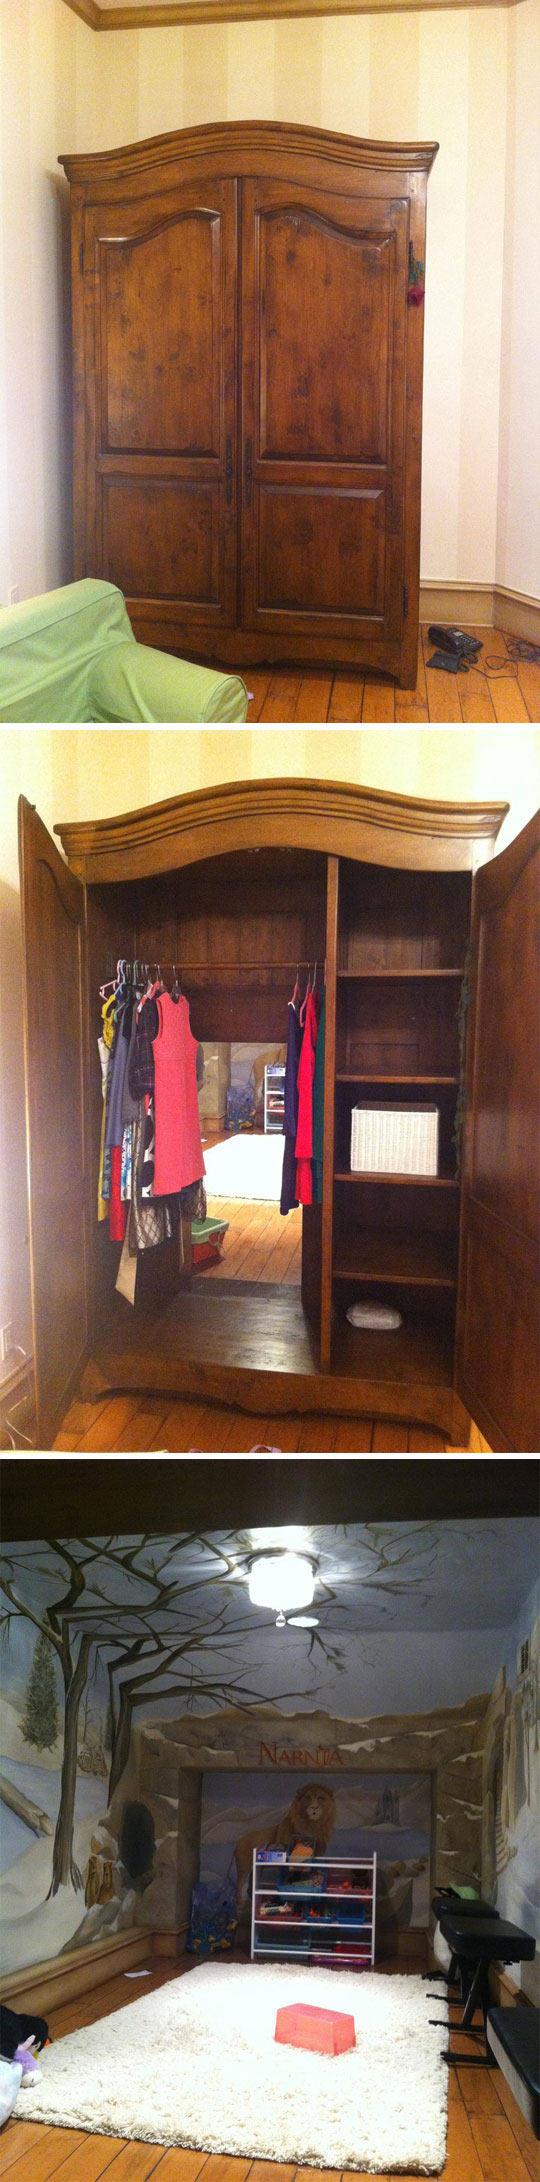 wardrobe, narnia, hidden room